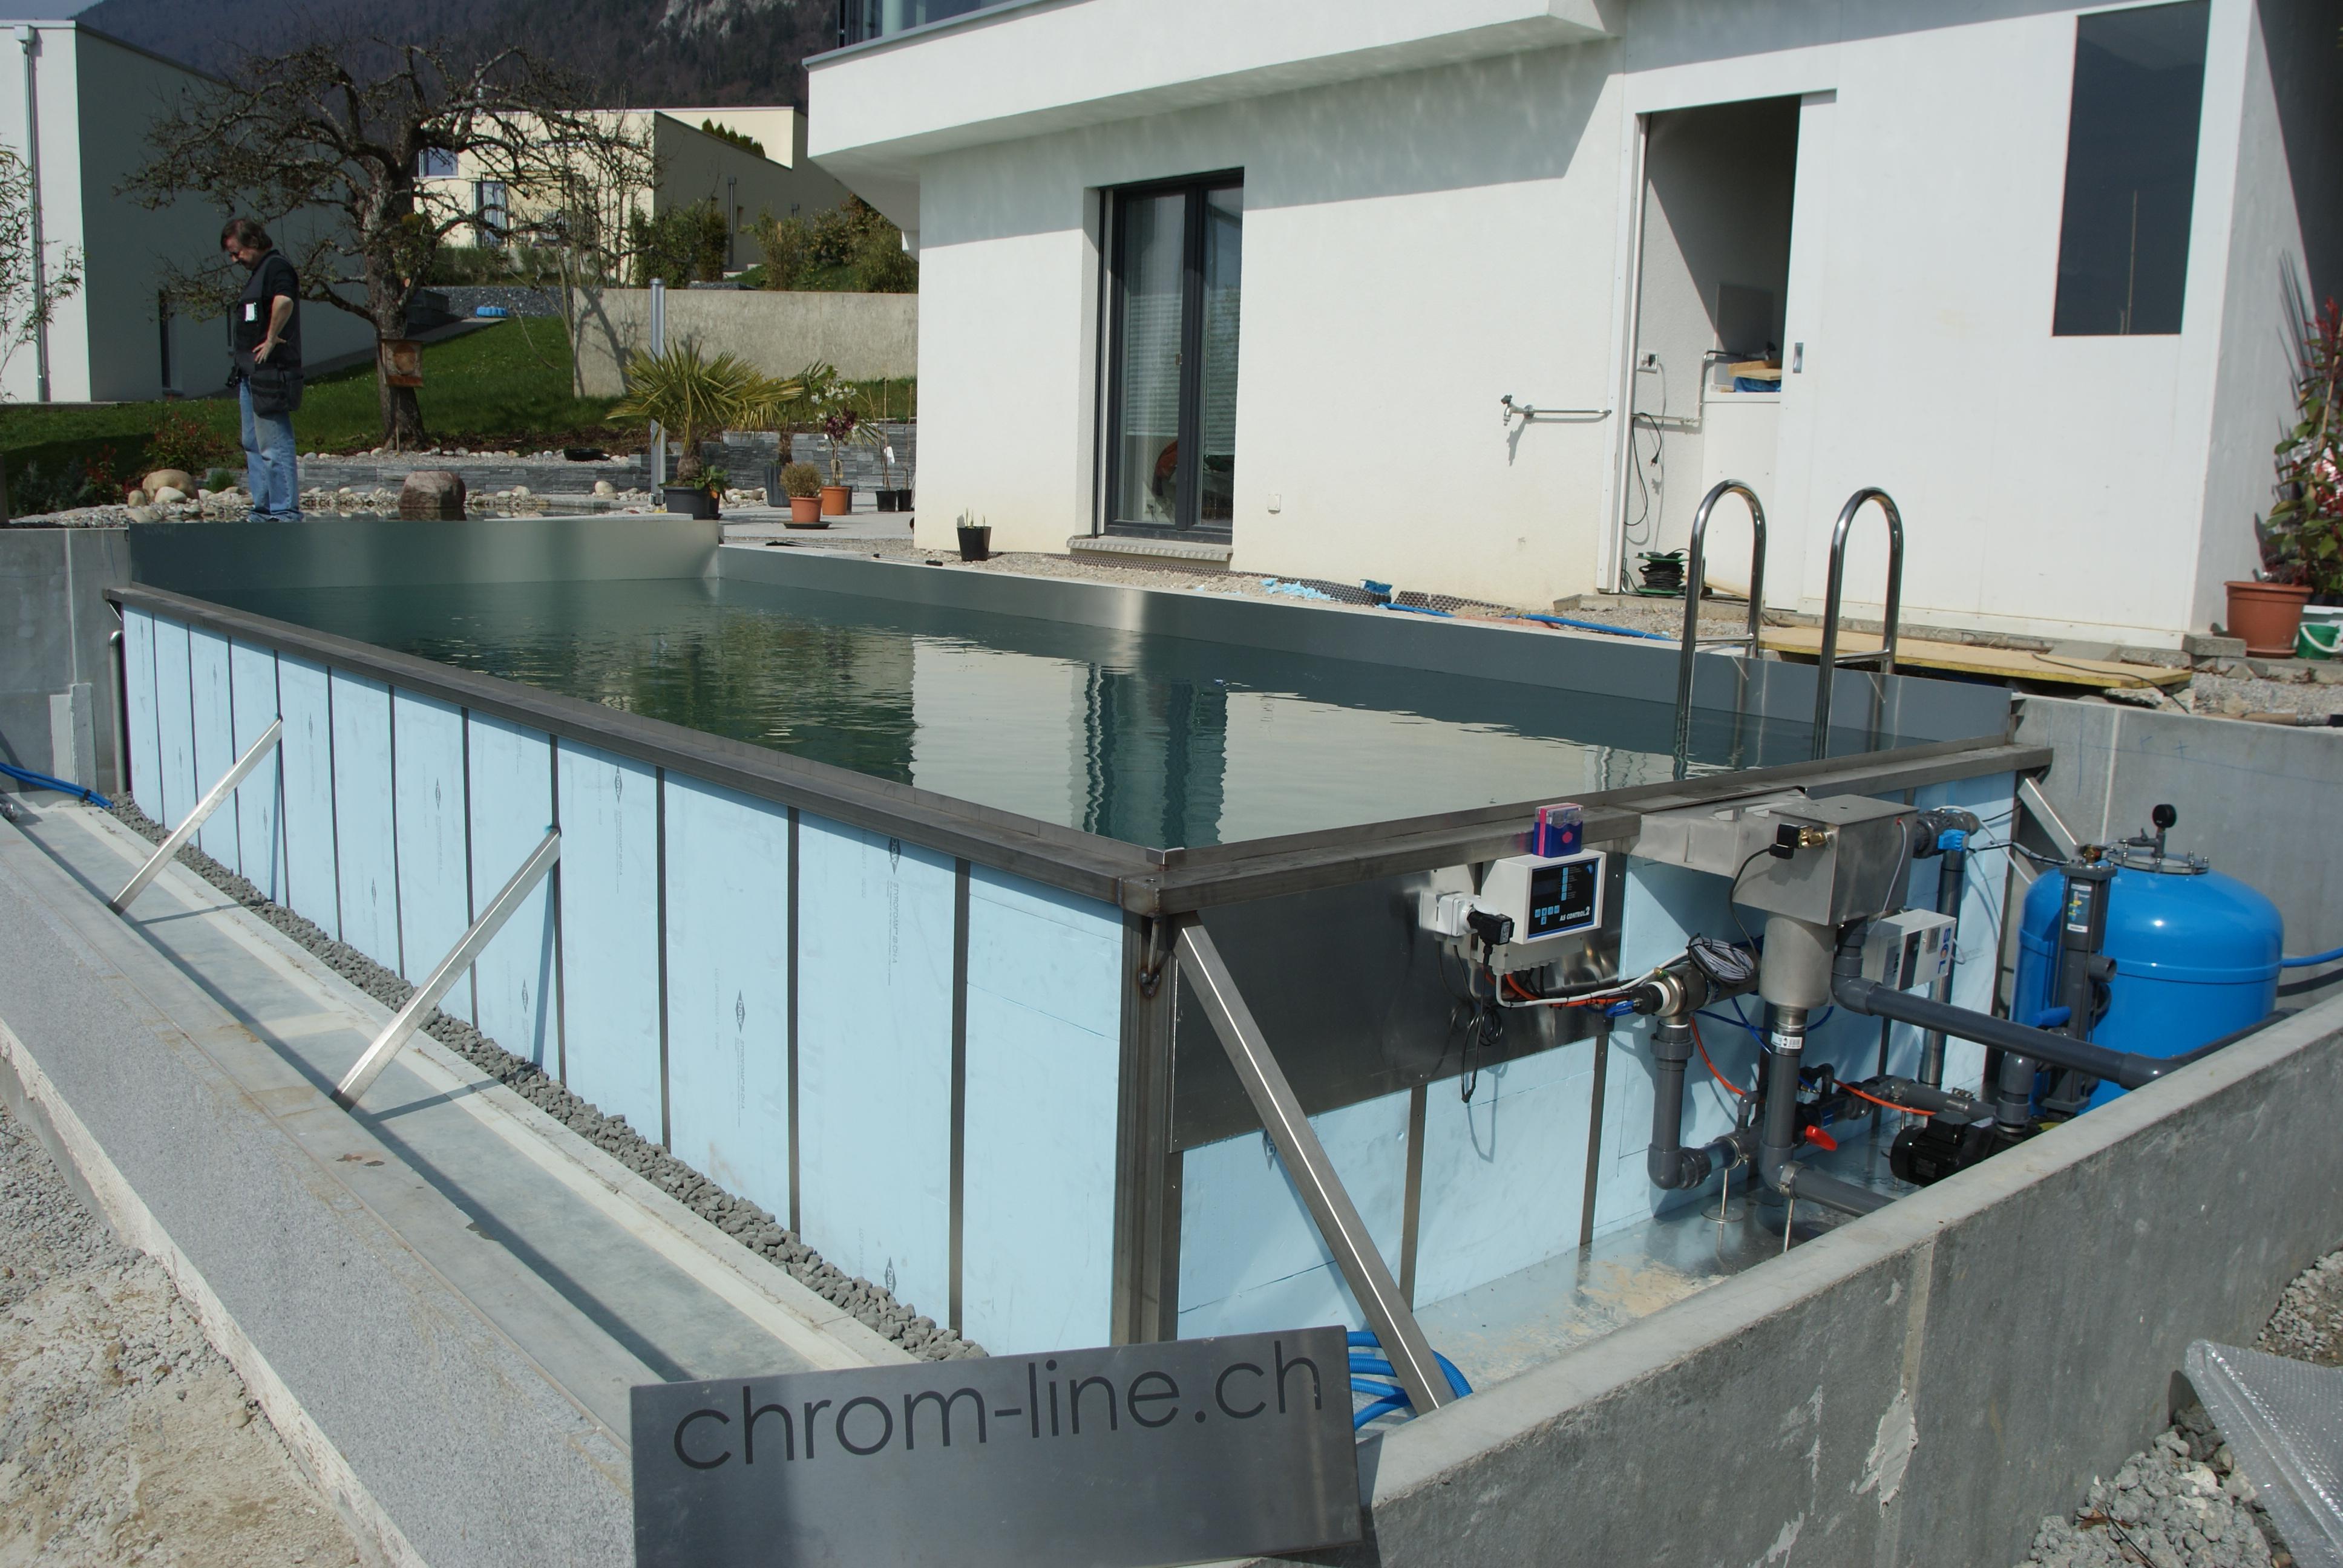 Chrom line pool mehr bilder und infos for Edelstahl garten pool